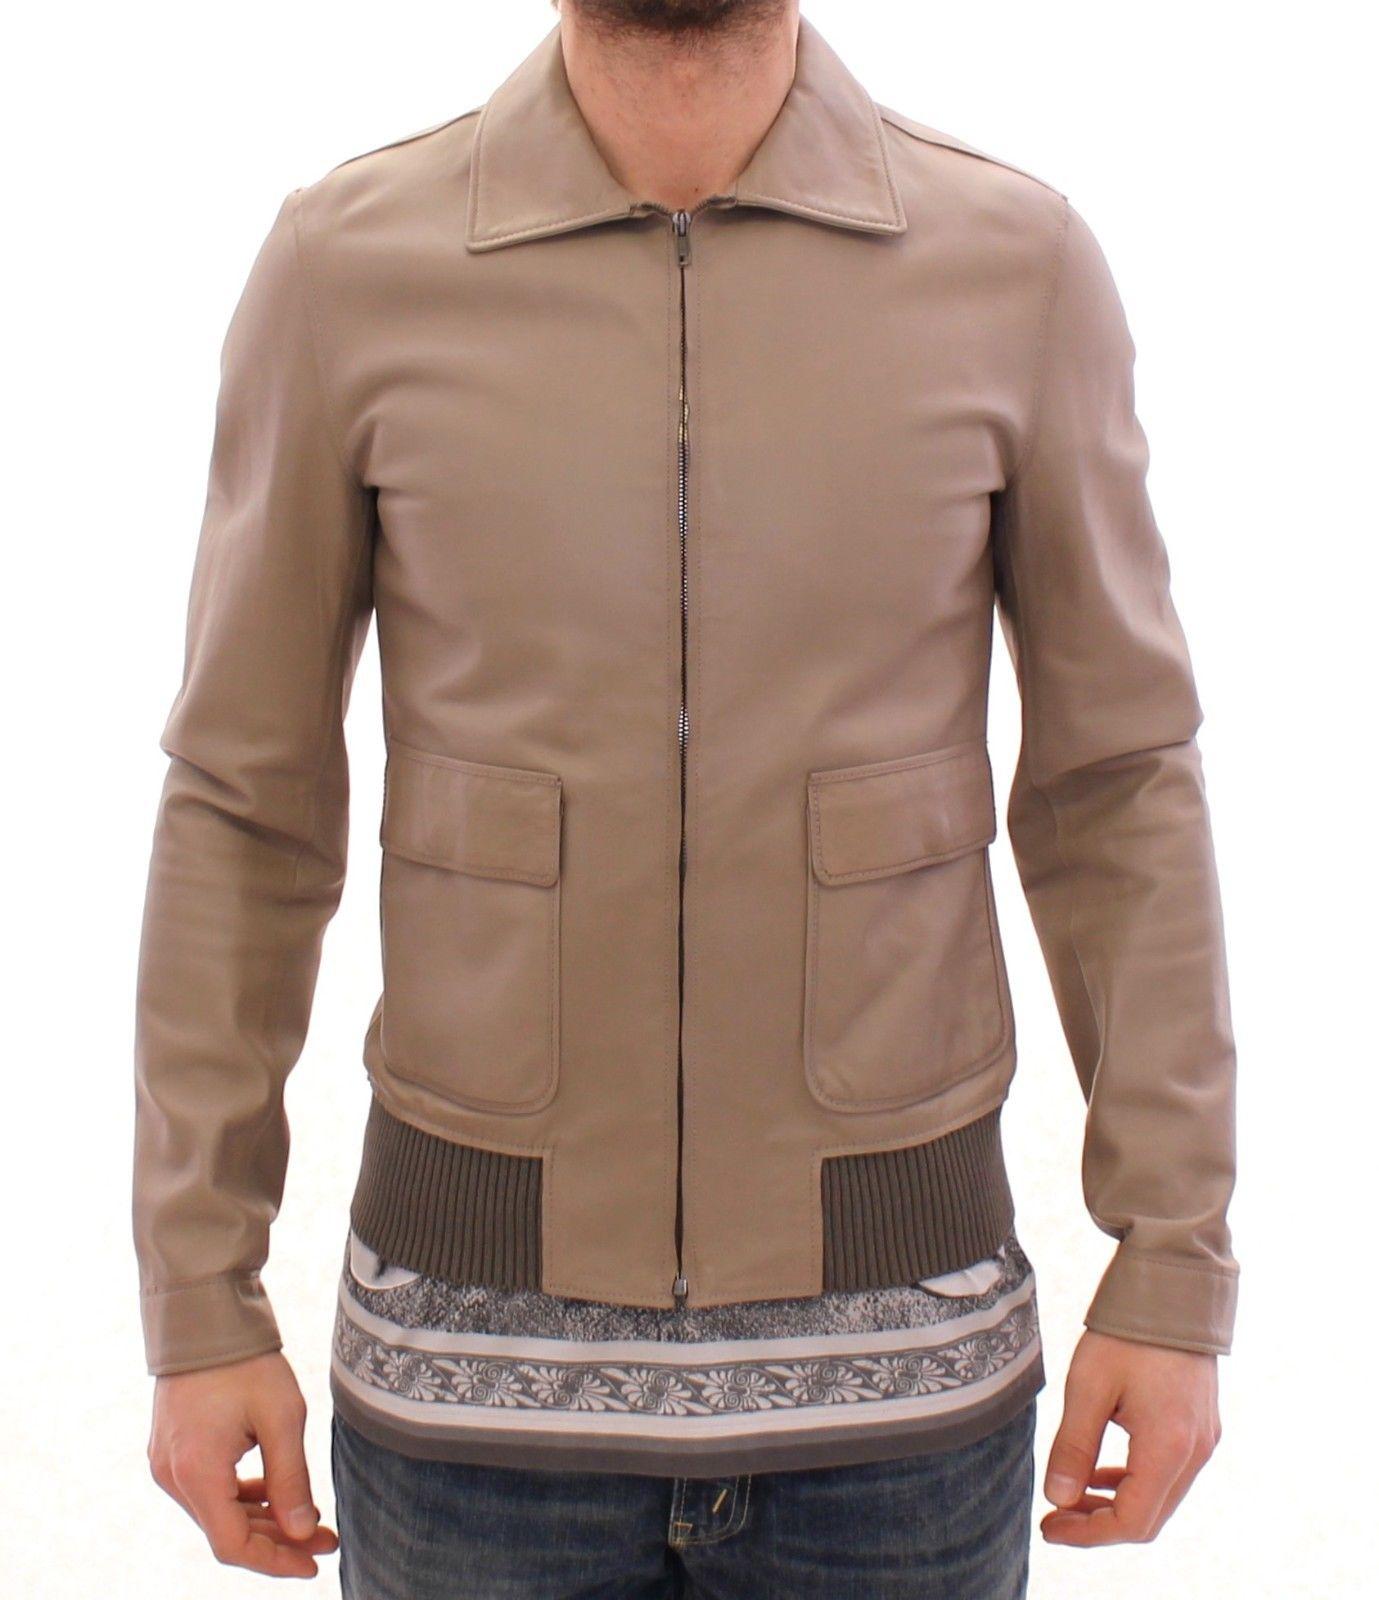 Dolce & Gabbana Men's Biker Leather Jacket Beige GSD12727 - IT52 | XL